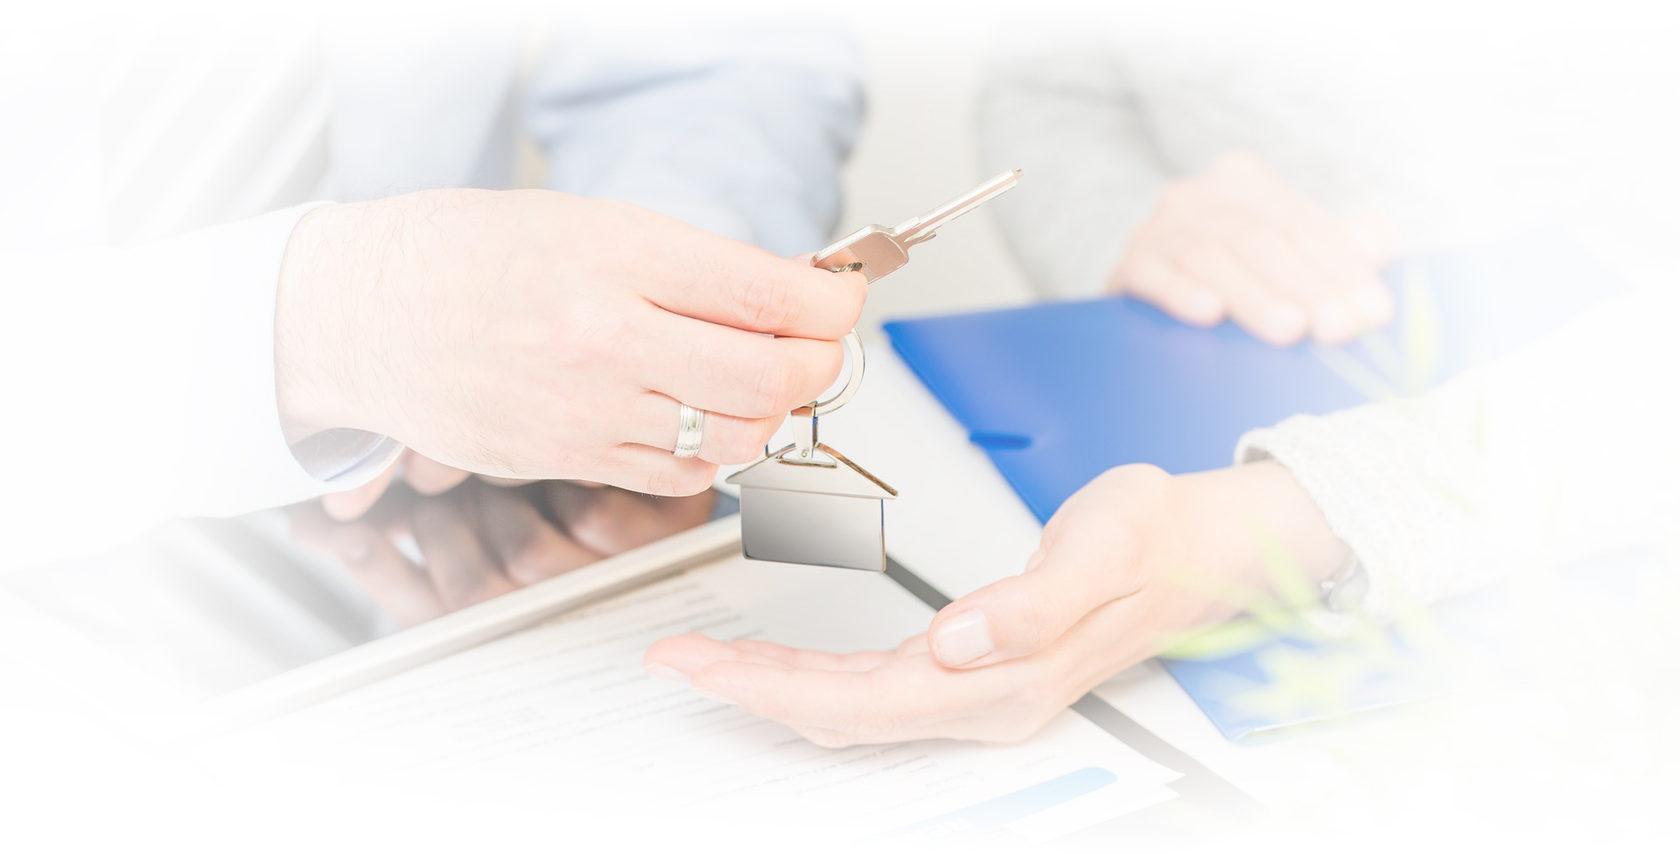 объединить ипотеку и потребительский кредит